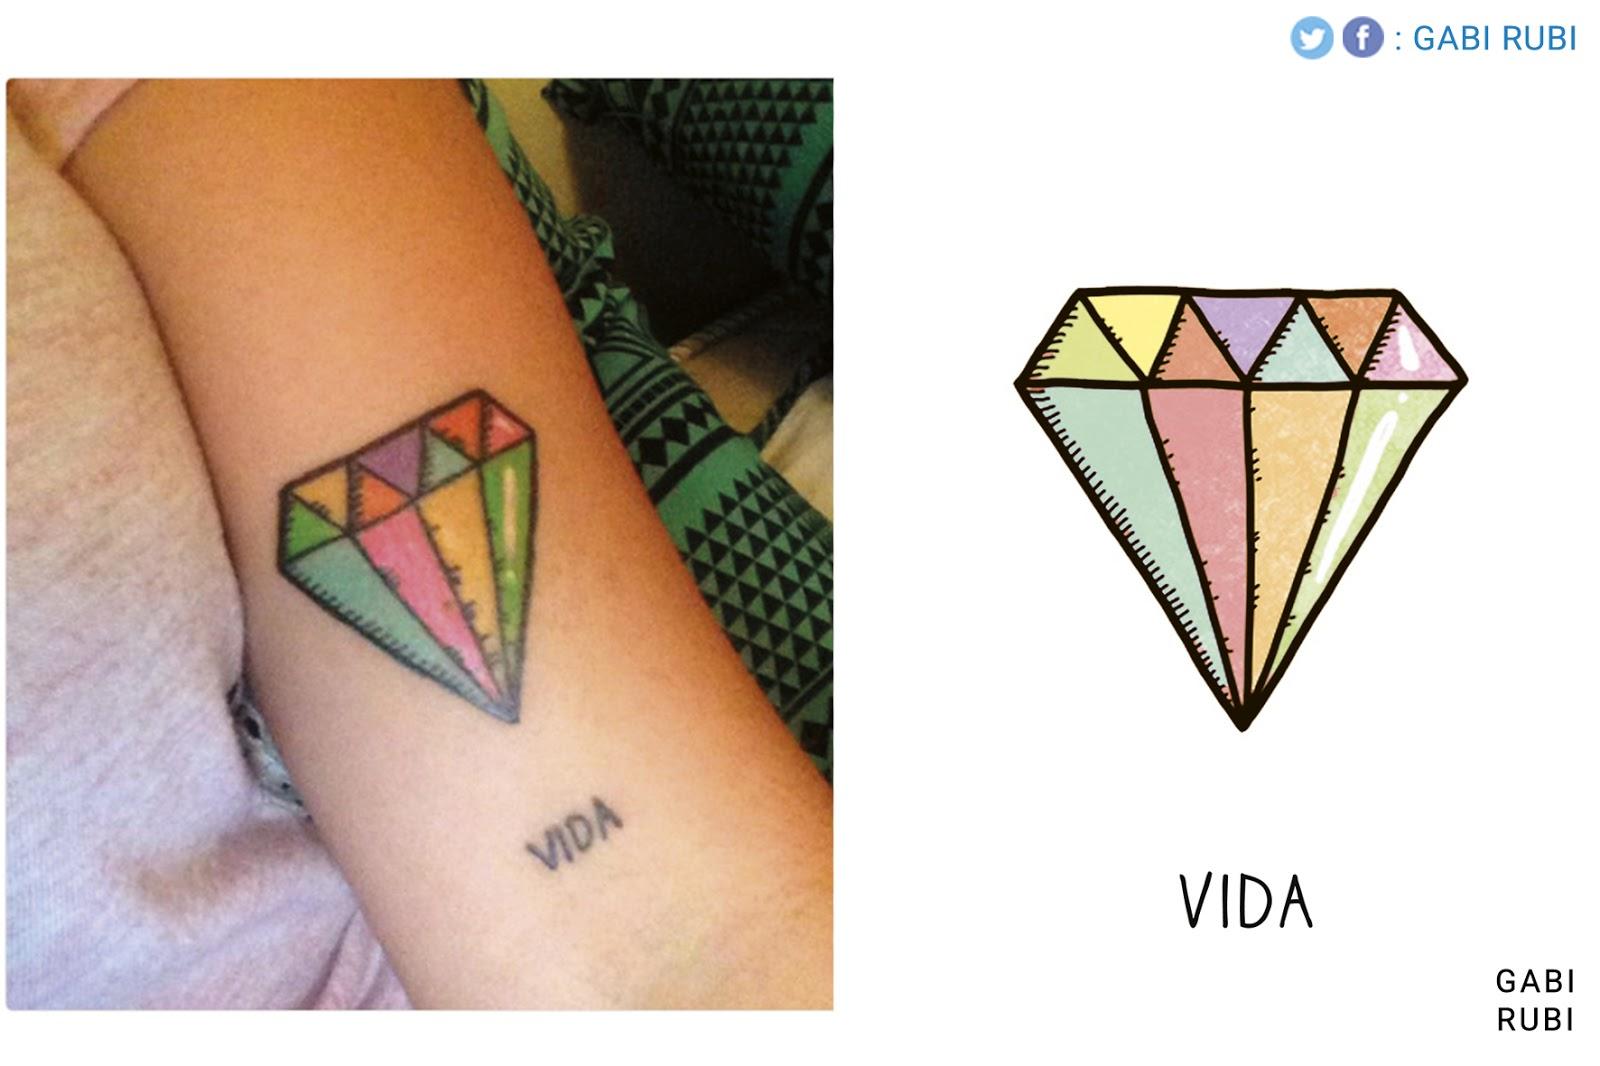 Gabi Rubí Dibujos Magicos Tatuajes De Los Dibujos De Gabi Rubi